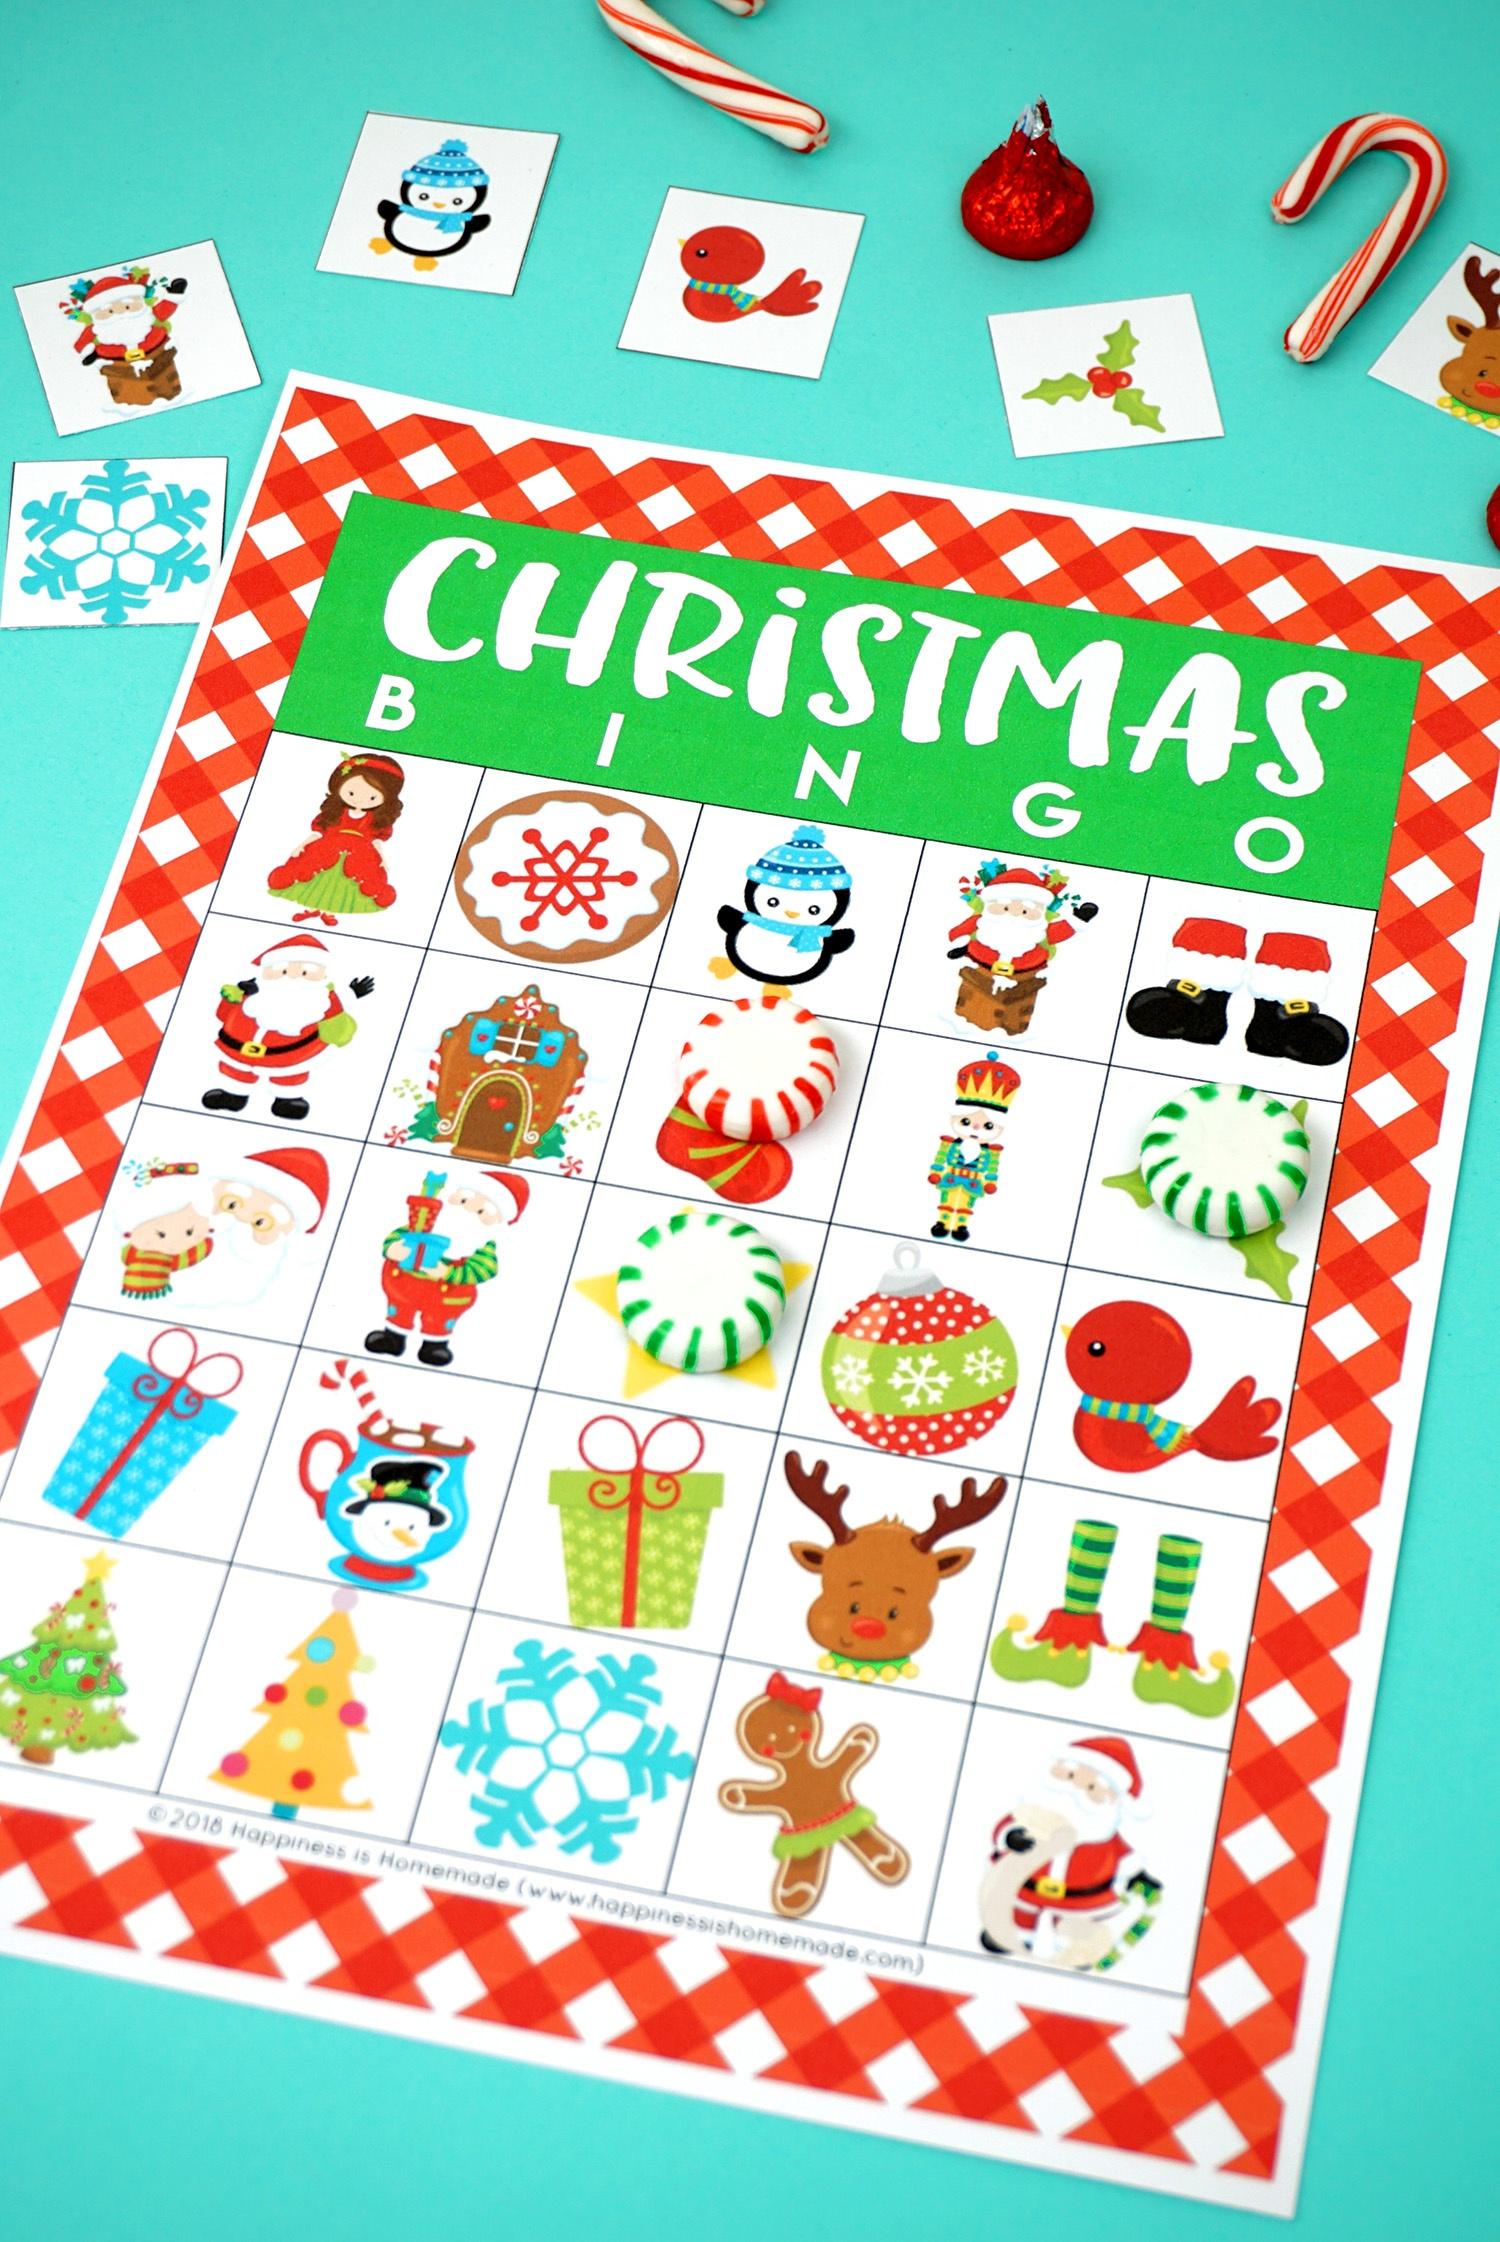 Printable Christmas Bingo Game - Happiness Is Homemade - Christmas Bingo Game Printable Free